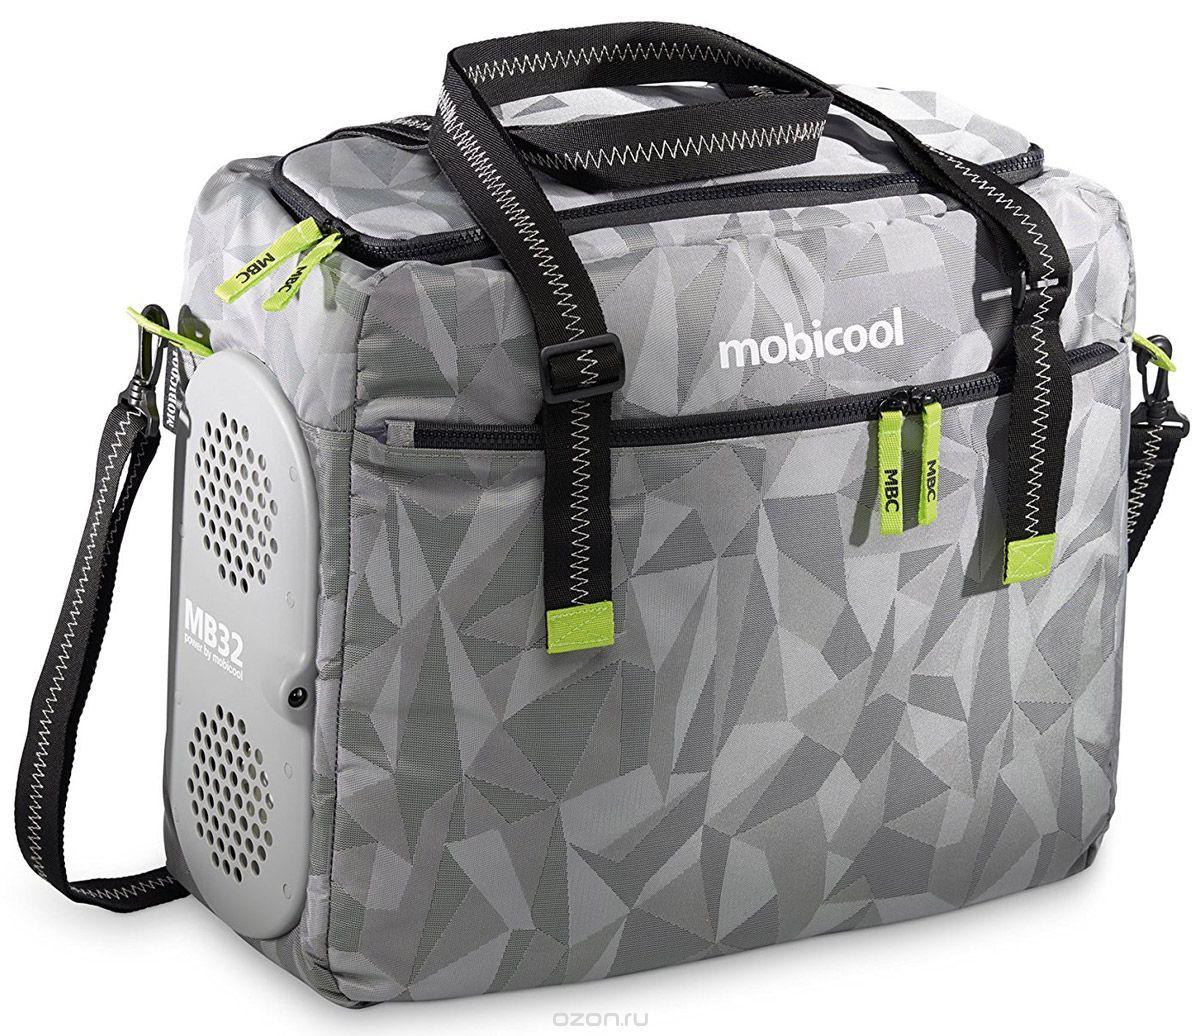 Сумка-холодильник Mobicool MB32 Power DC (32л, 12В, охлаждение) охлаждение для компьютера cpu ksb06105hb dc 5v 0 40a 4 asus x54h x54c x54l x54l bbk4